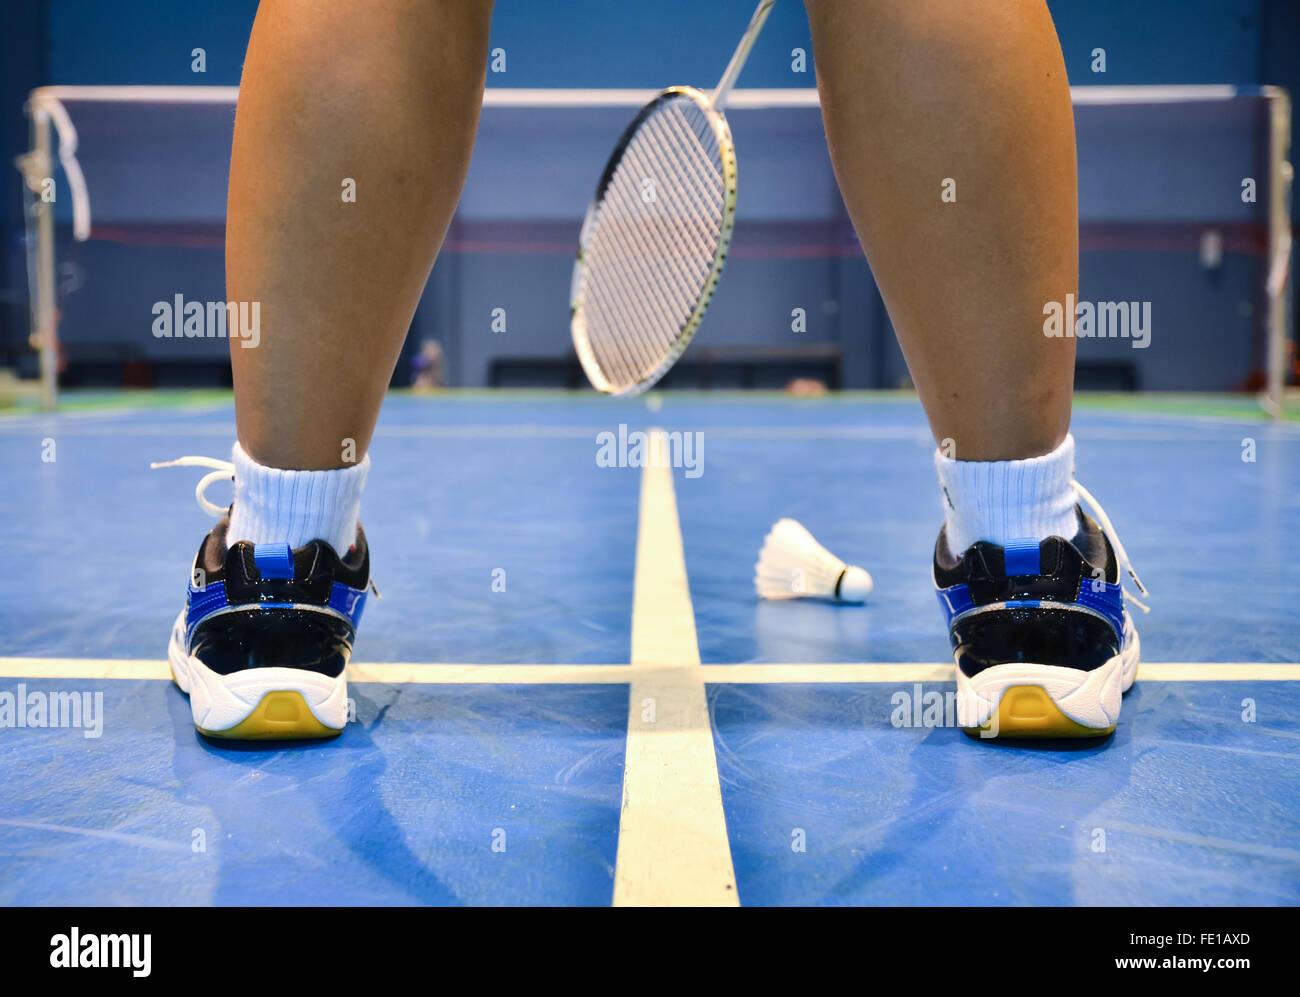 Avec un court de badminton badminton player Photo Stock